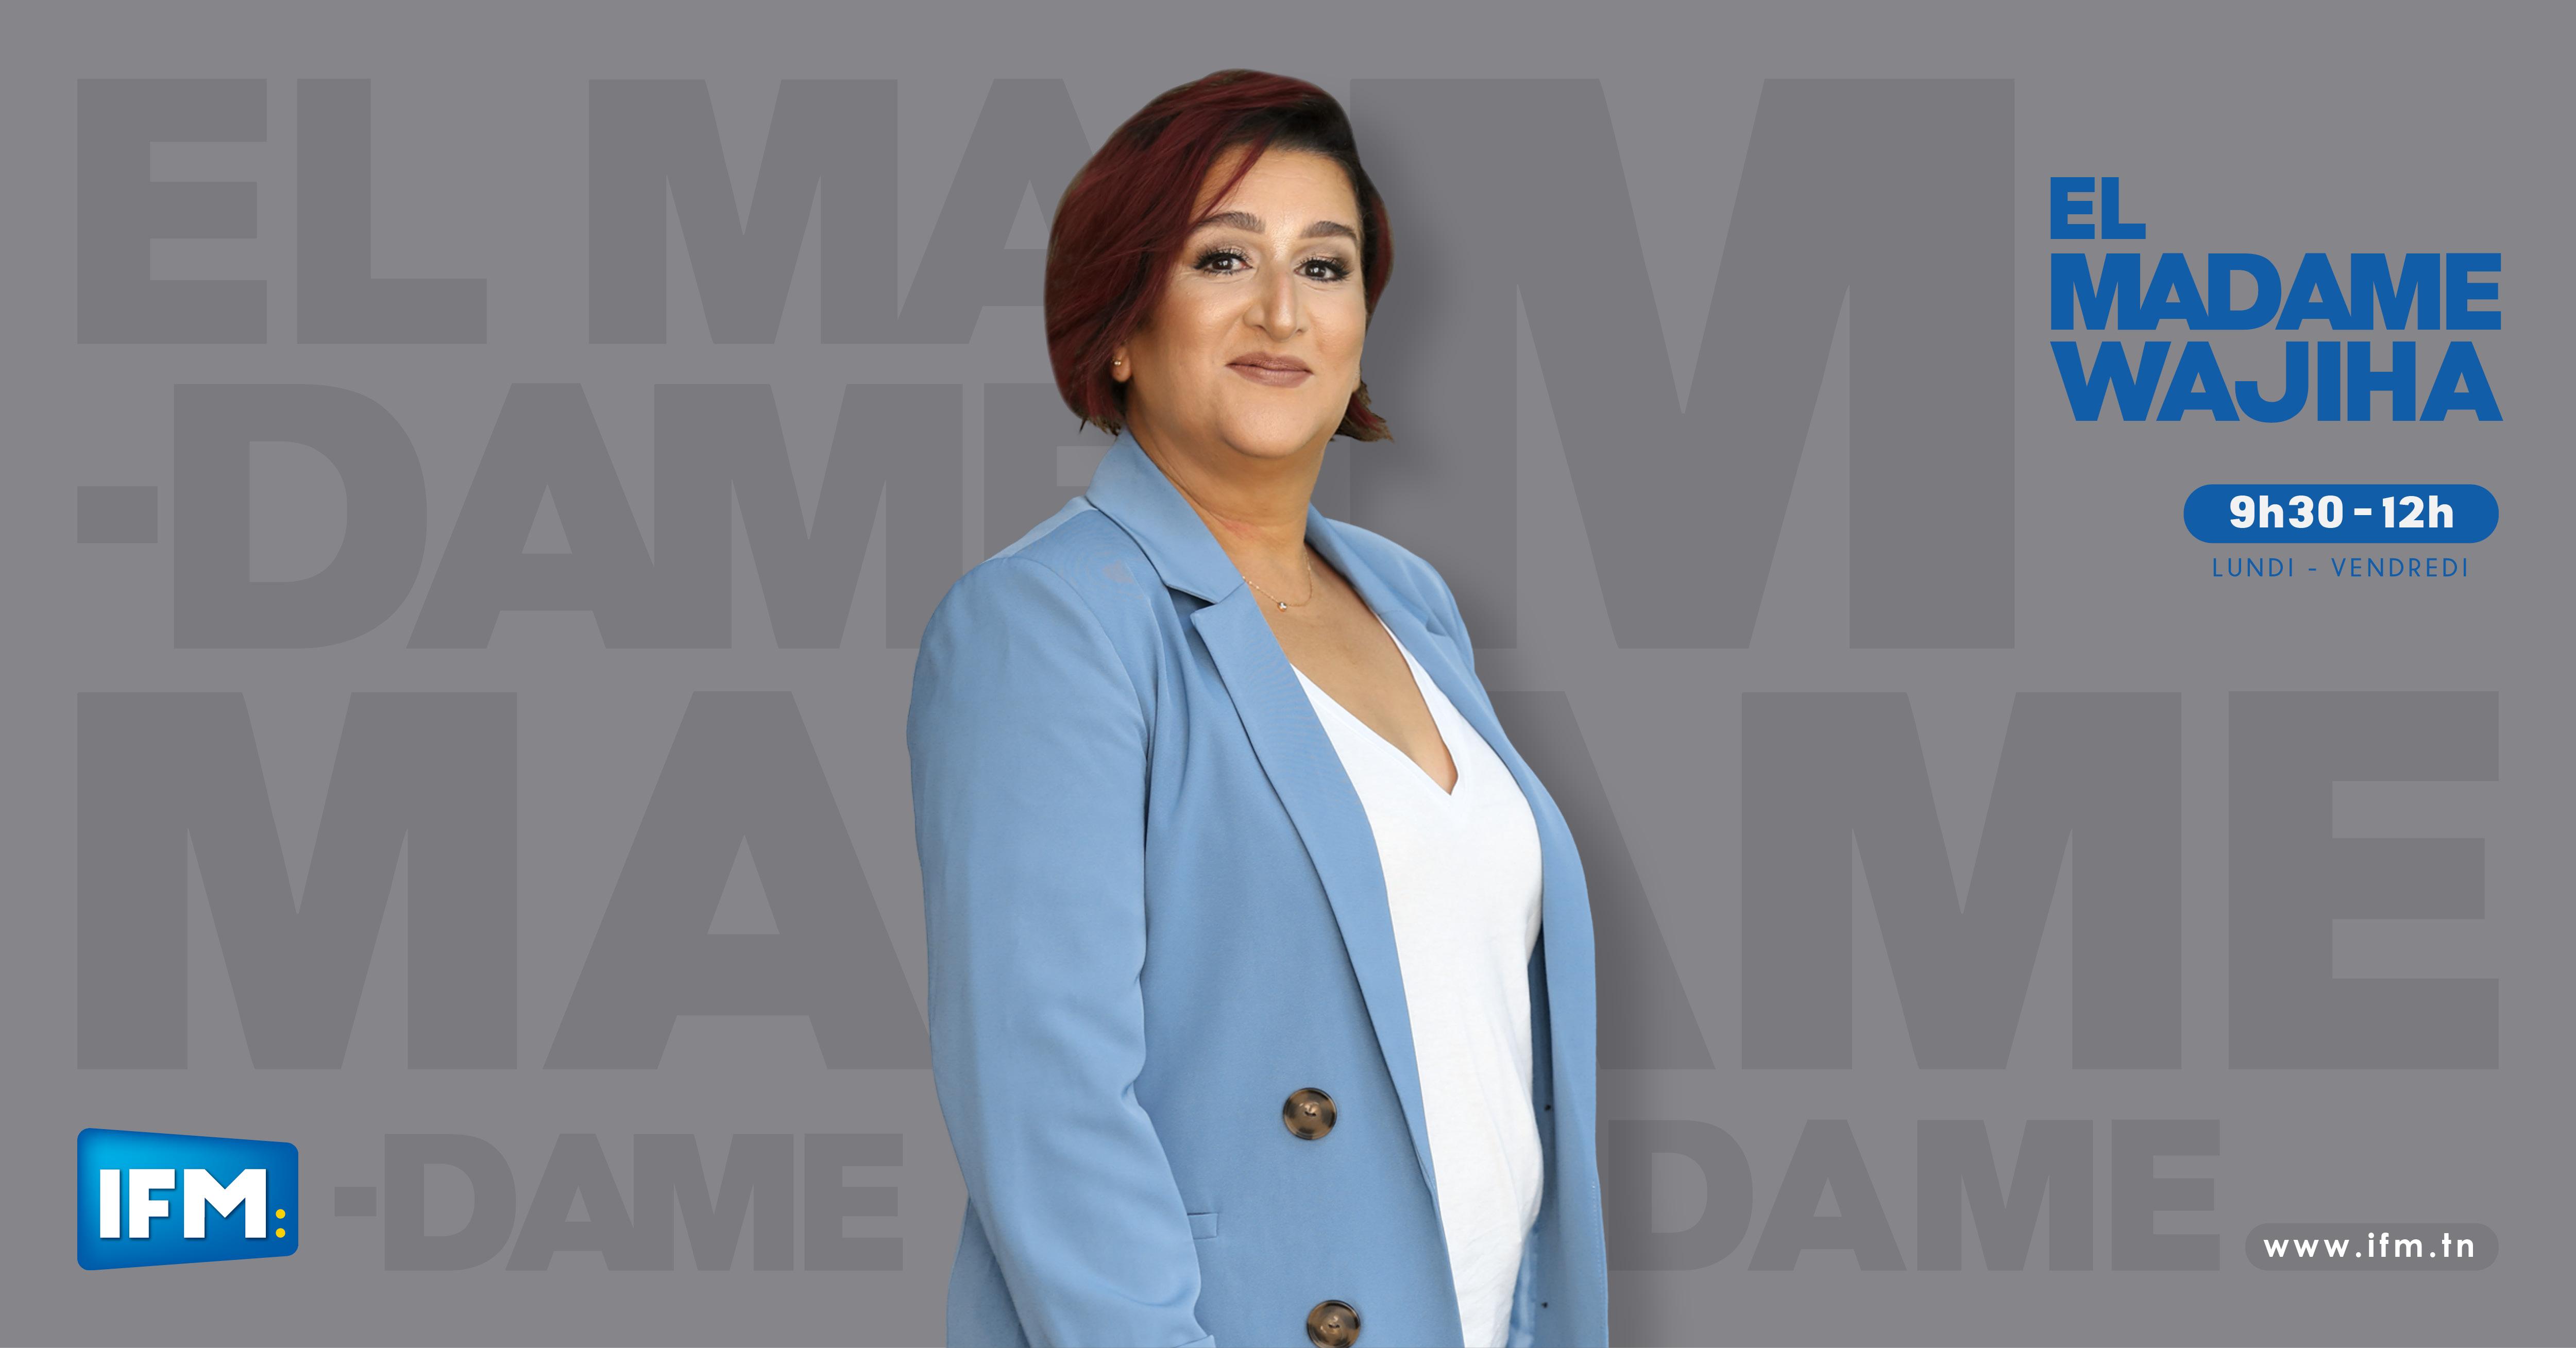 المدام وجيهة نوفل الورتاني يعلق على سجن سواغ مان كان عايش مرتاح جاء لتونس بدا الدمار